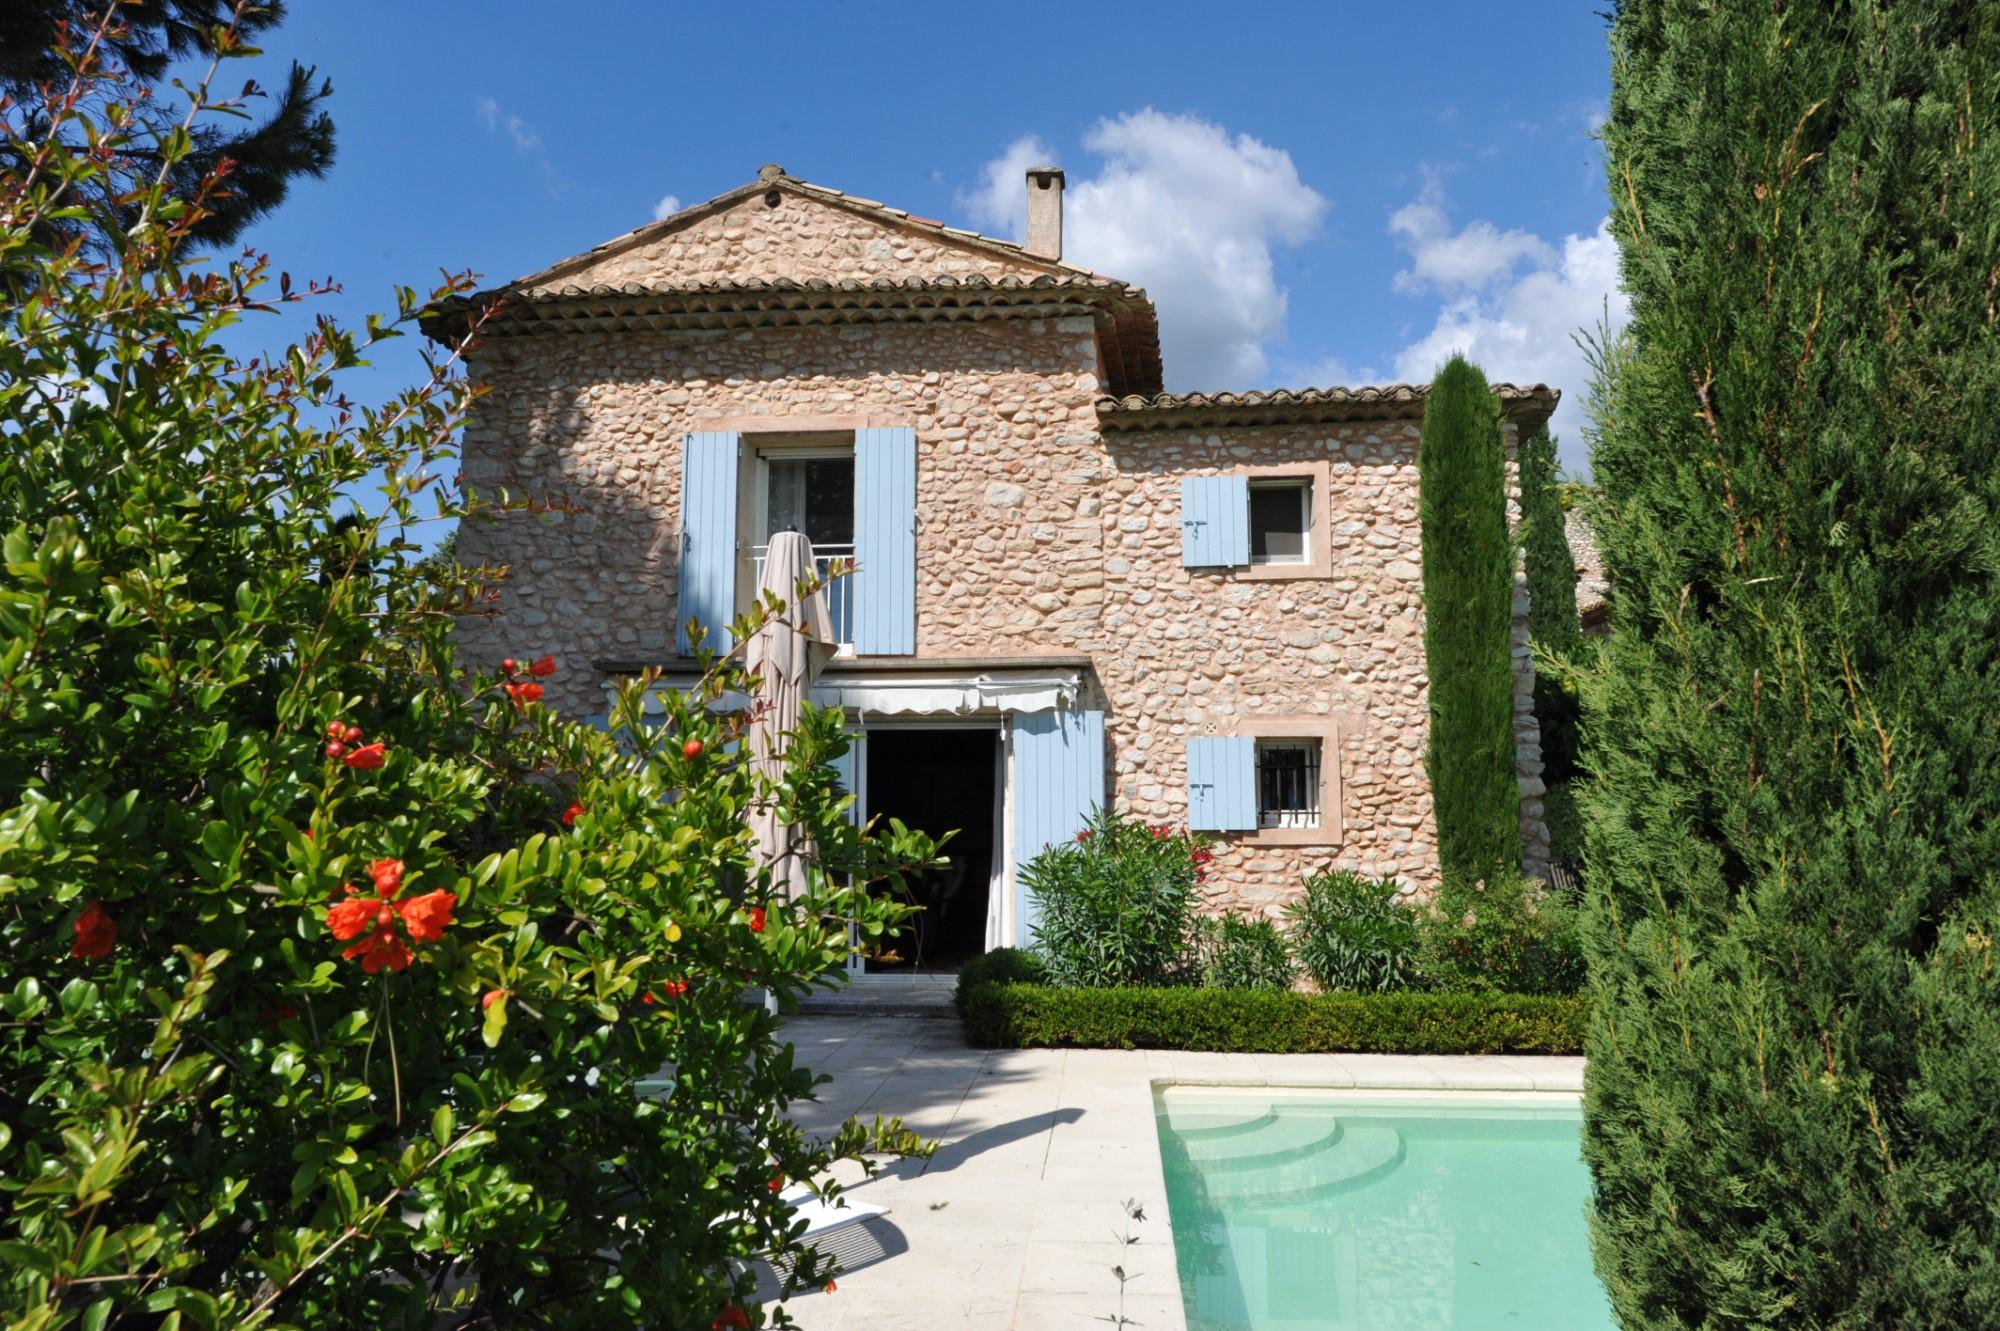 A vendre,  dans un pittoresque hameau, très belle Maison de Maître en pierres avec piscine et parc